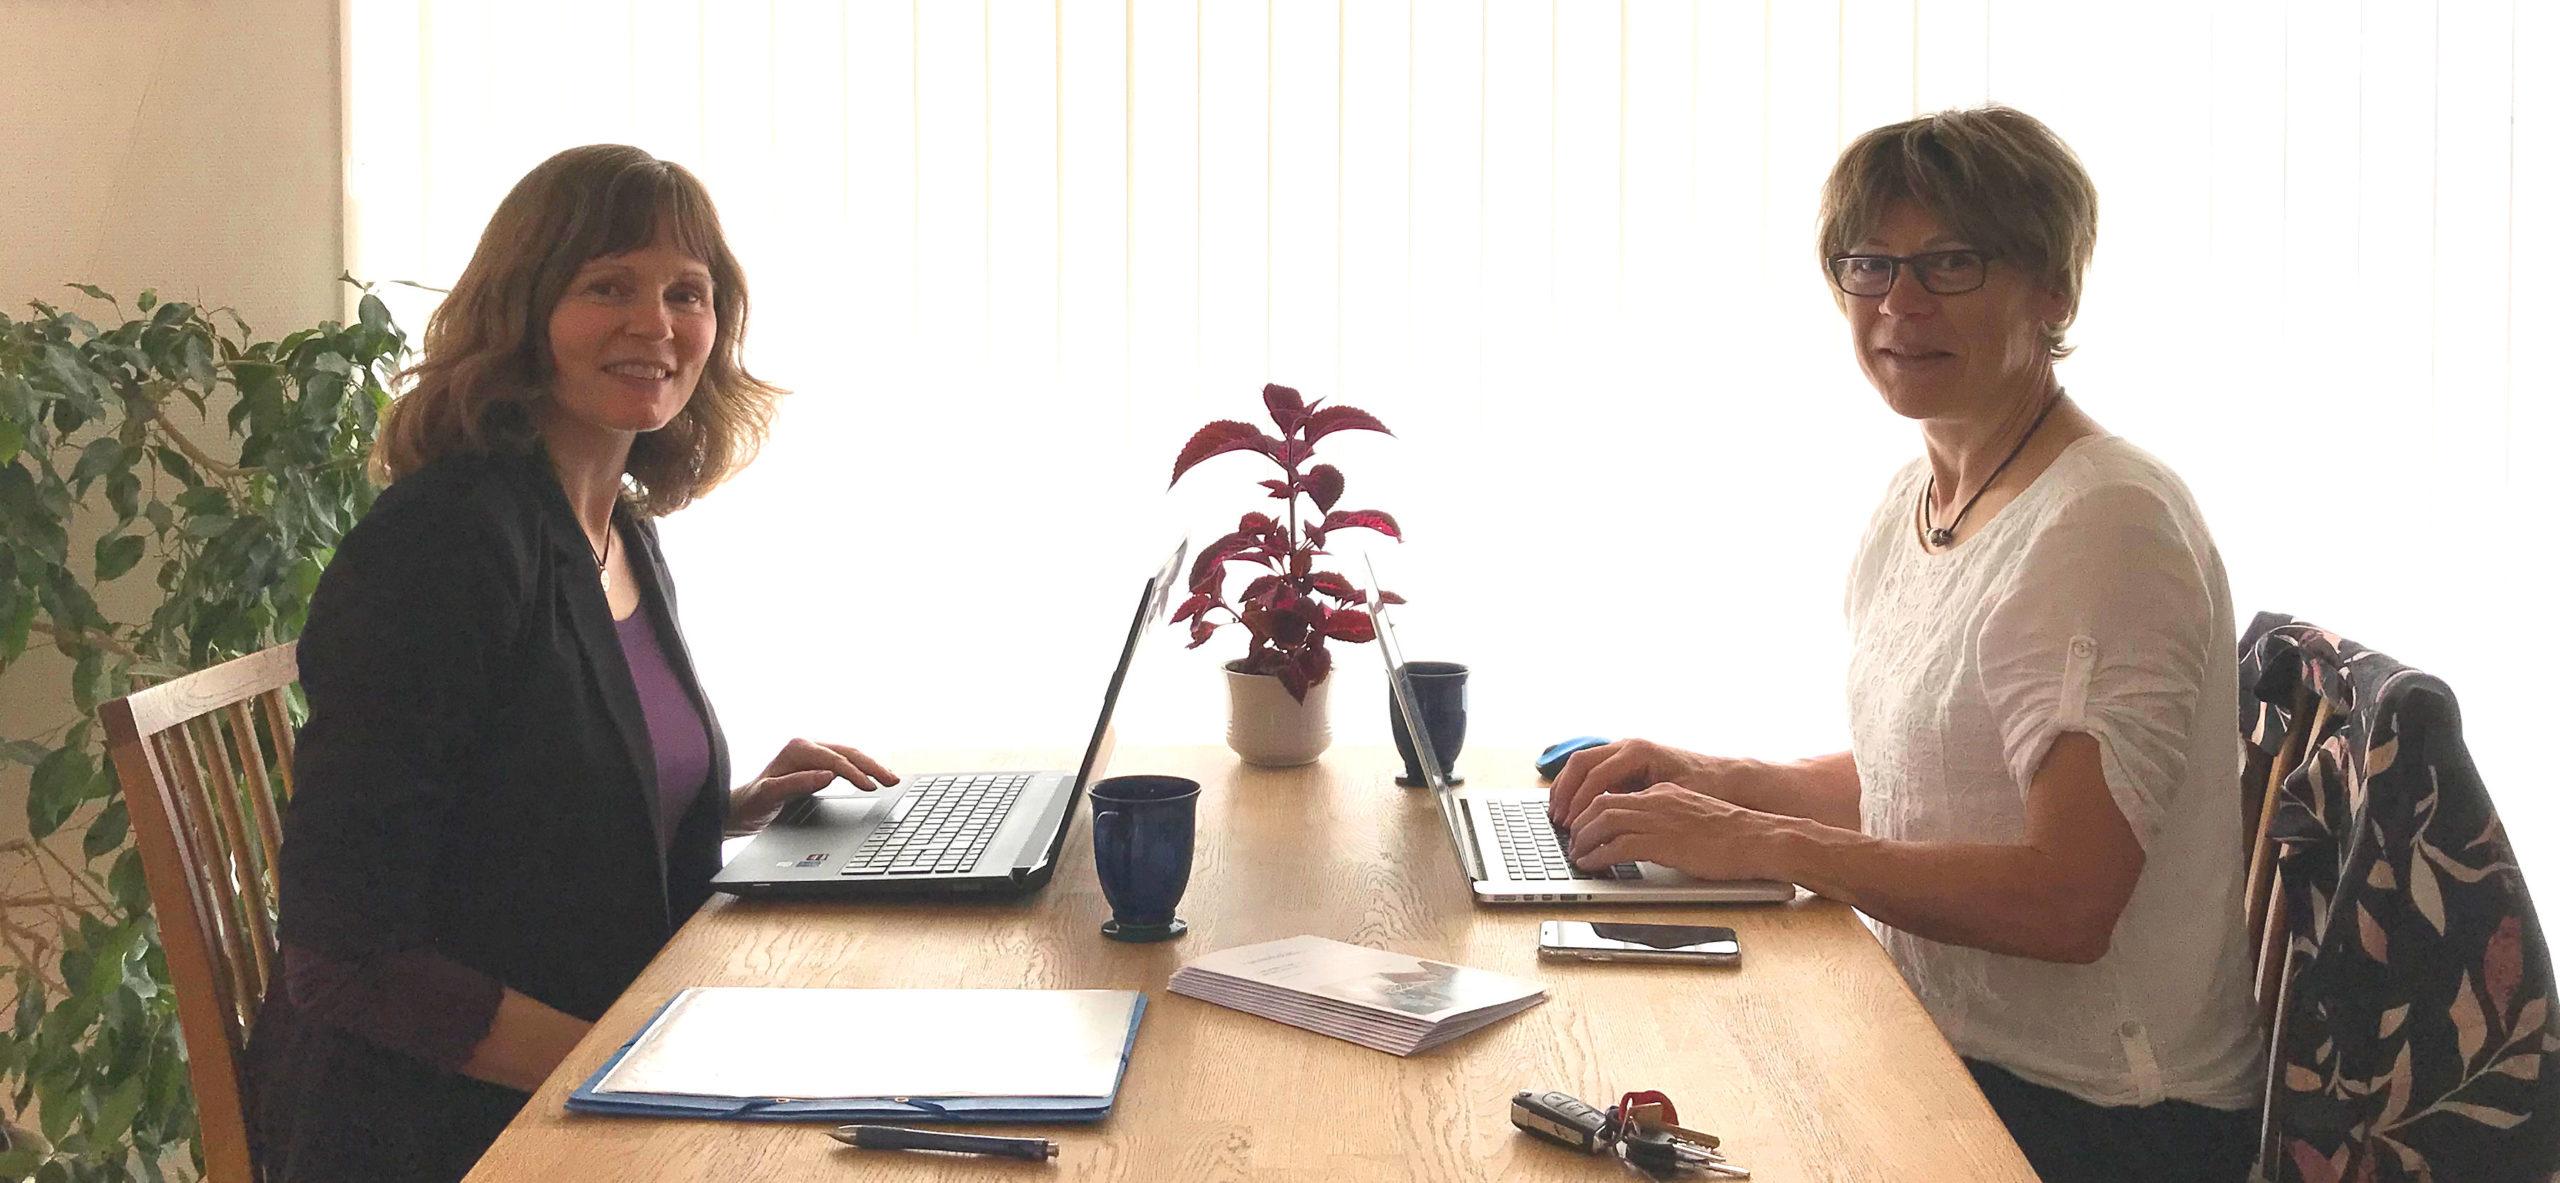 Stine Bjerager og Annelise Dittmer på kontoret